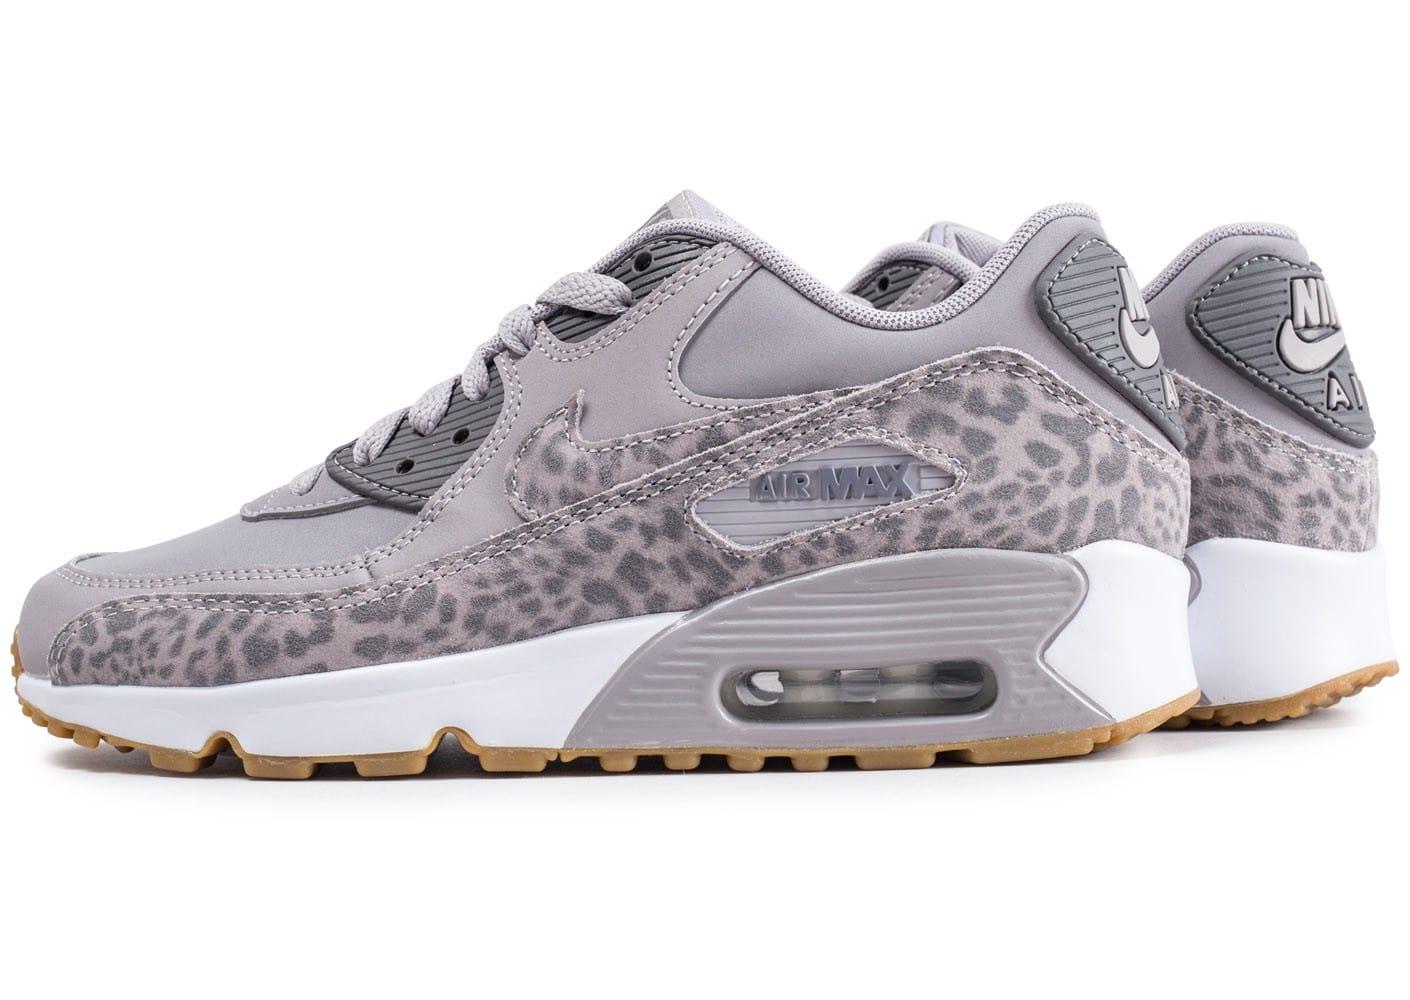 detailed look 2520a 3b59a air max leopard gris